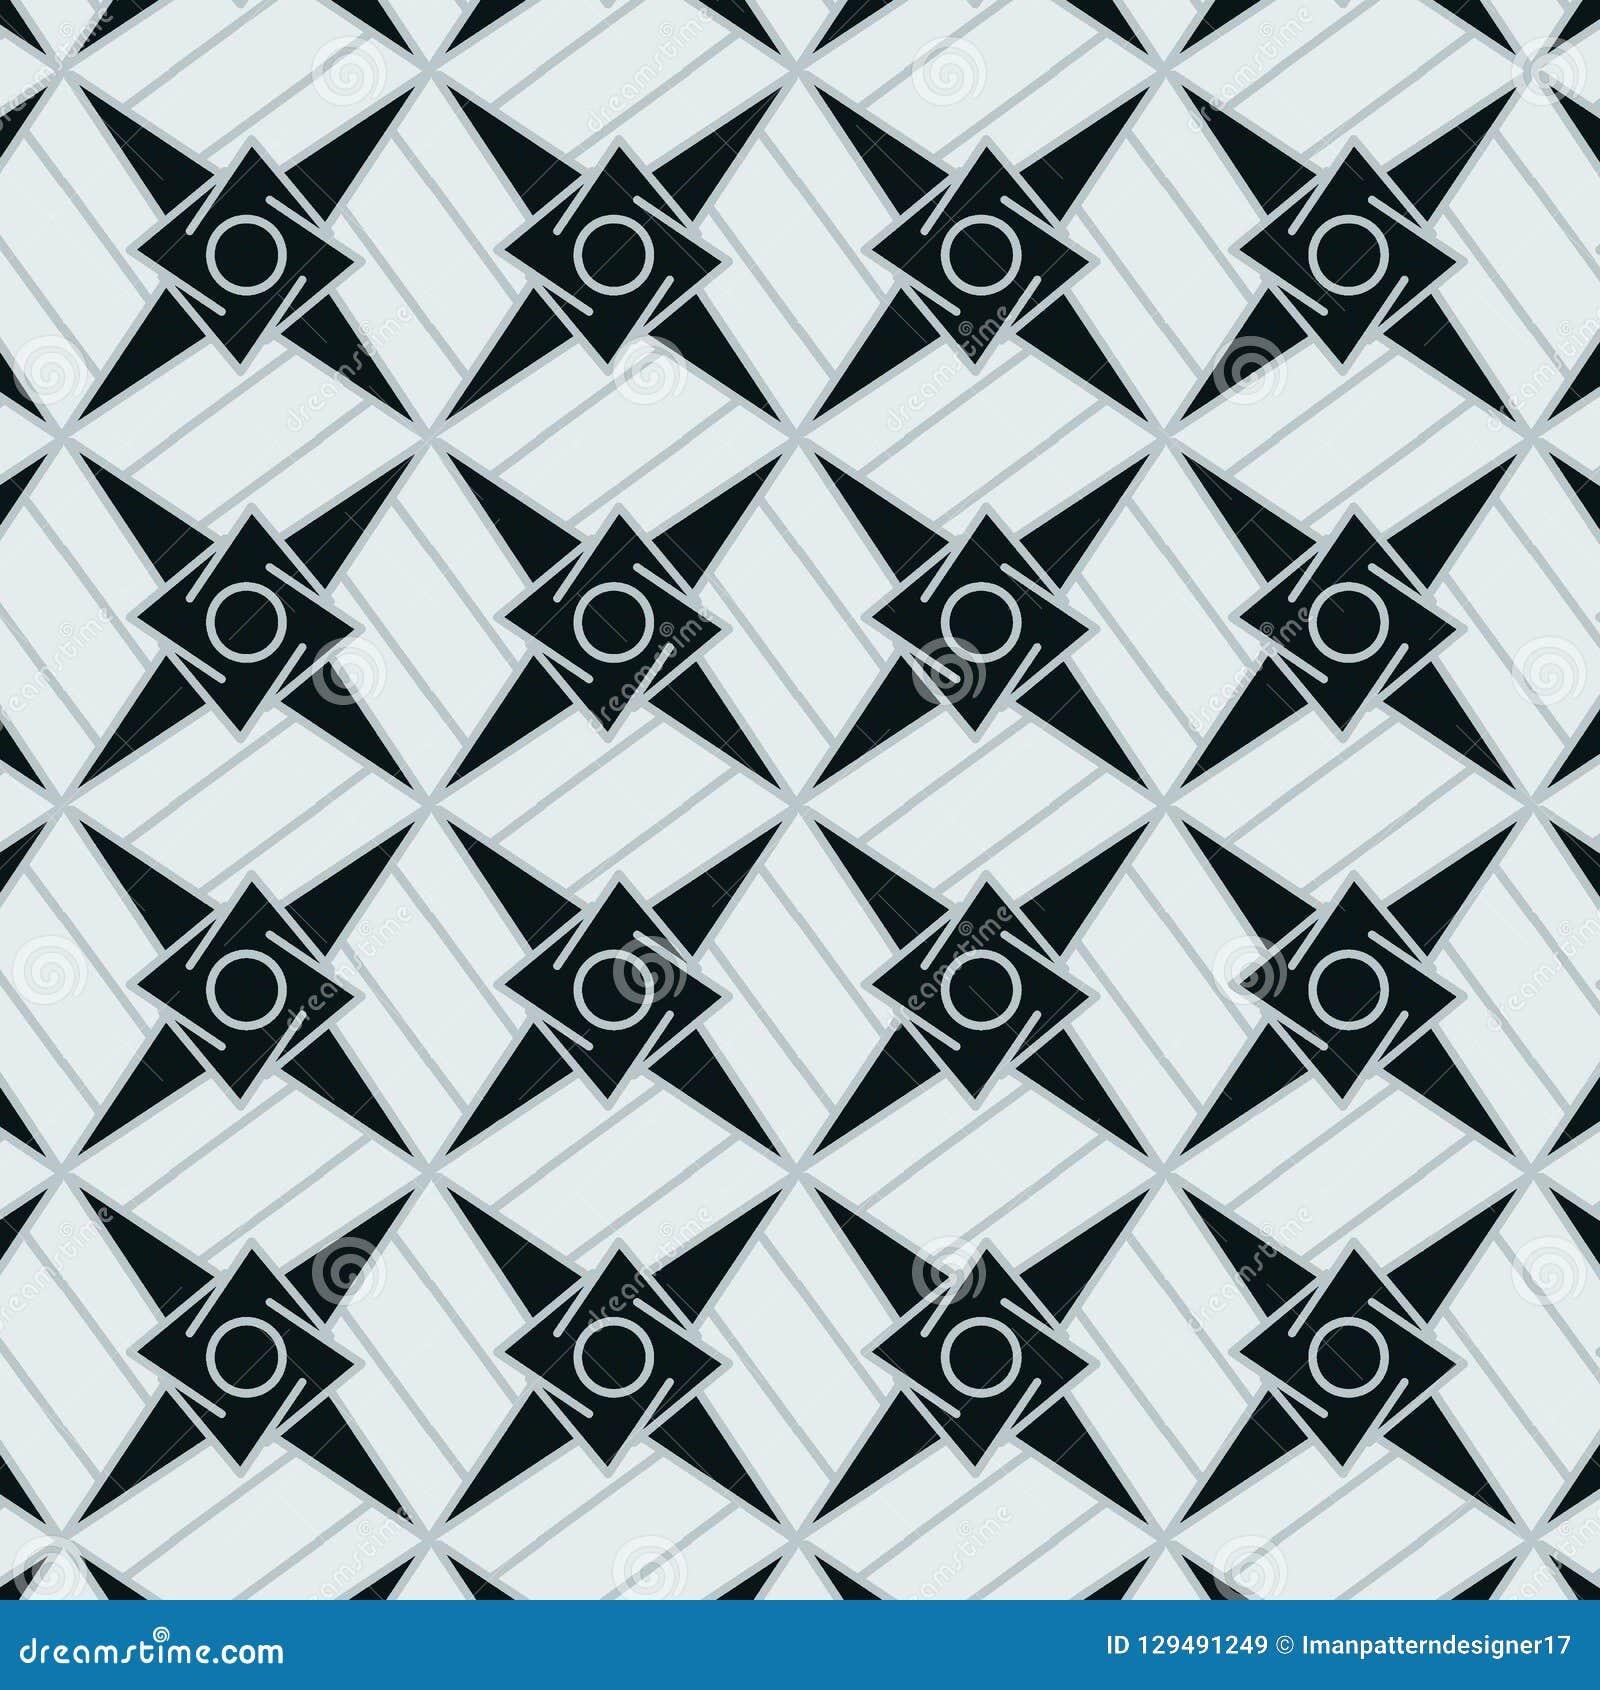 4758155fab Modelo geométrico moderno elegante del alto contraste para los diseños  superficiales creativos